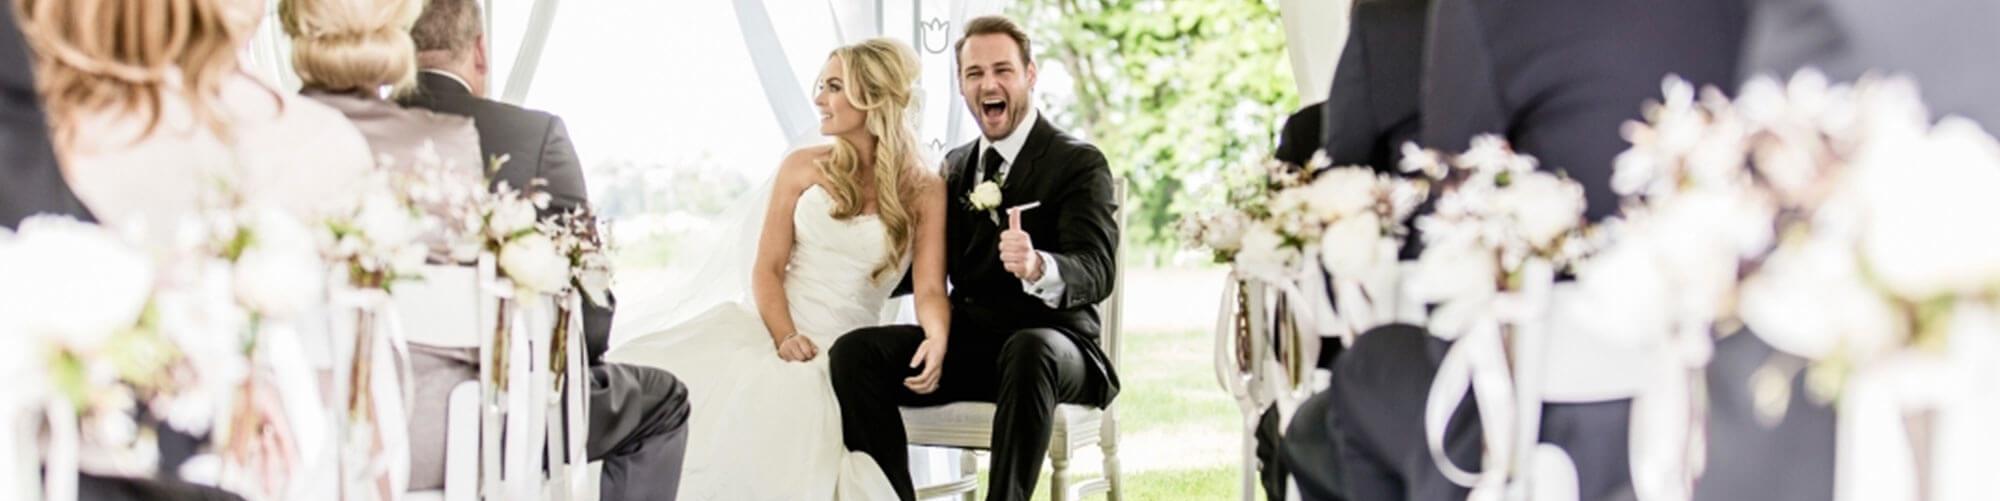 Bruiloft Muziek Lovesound